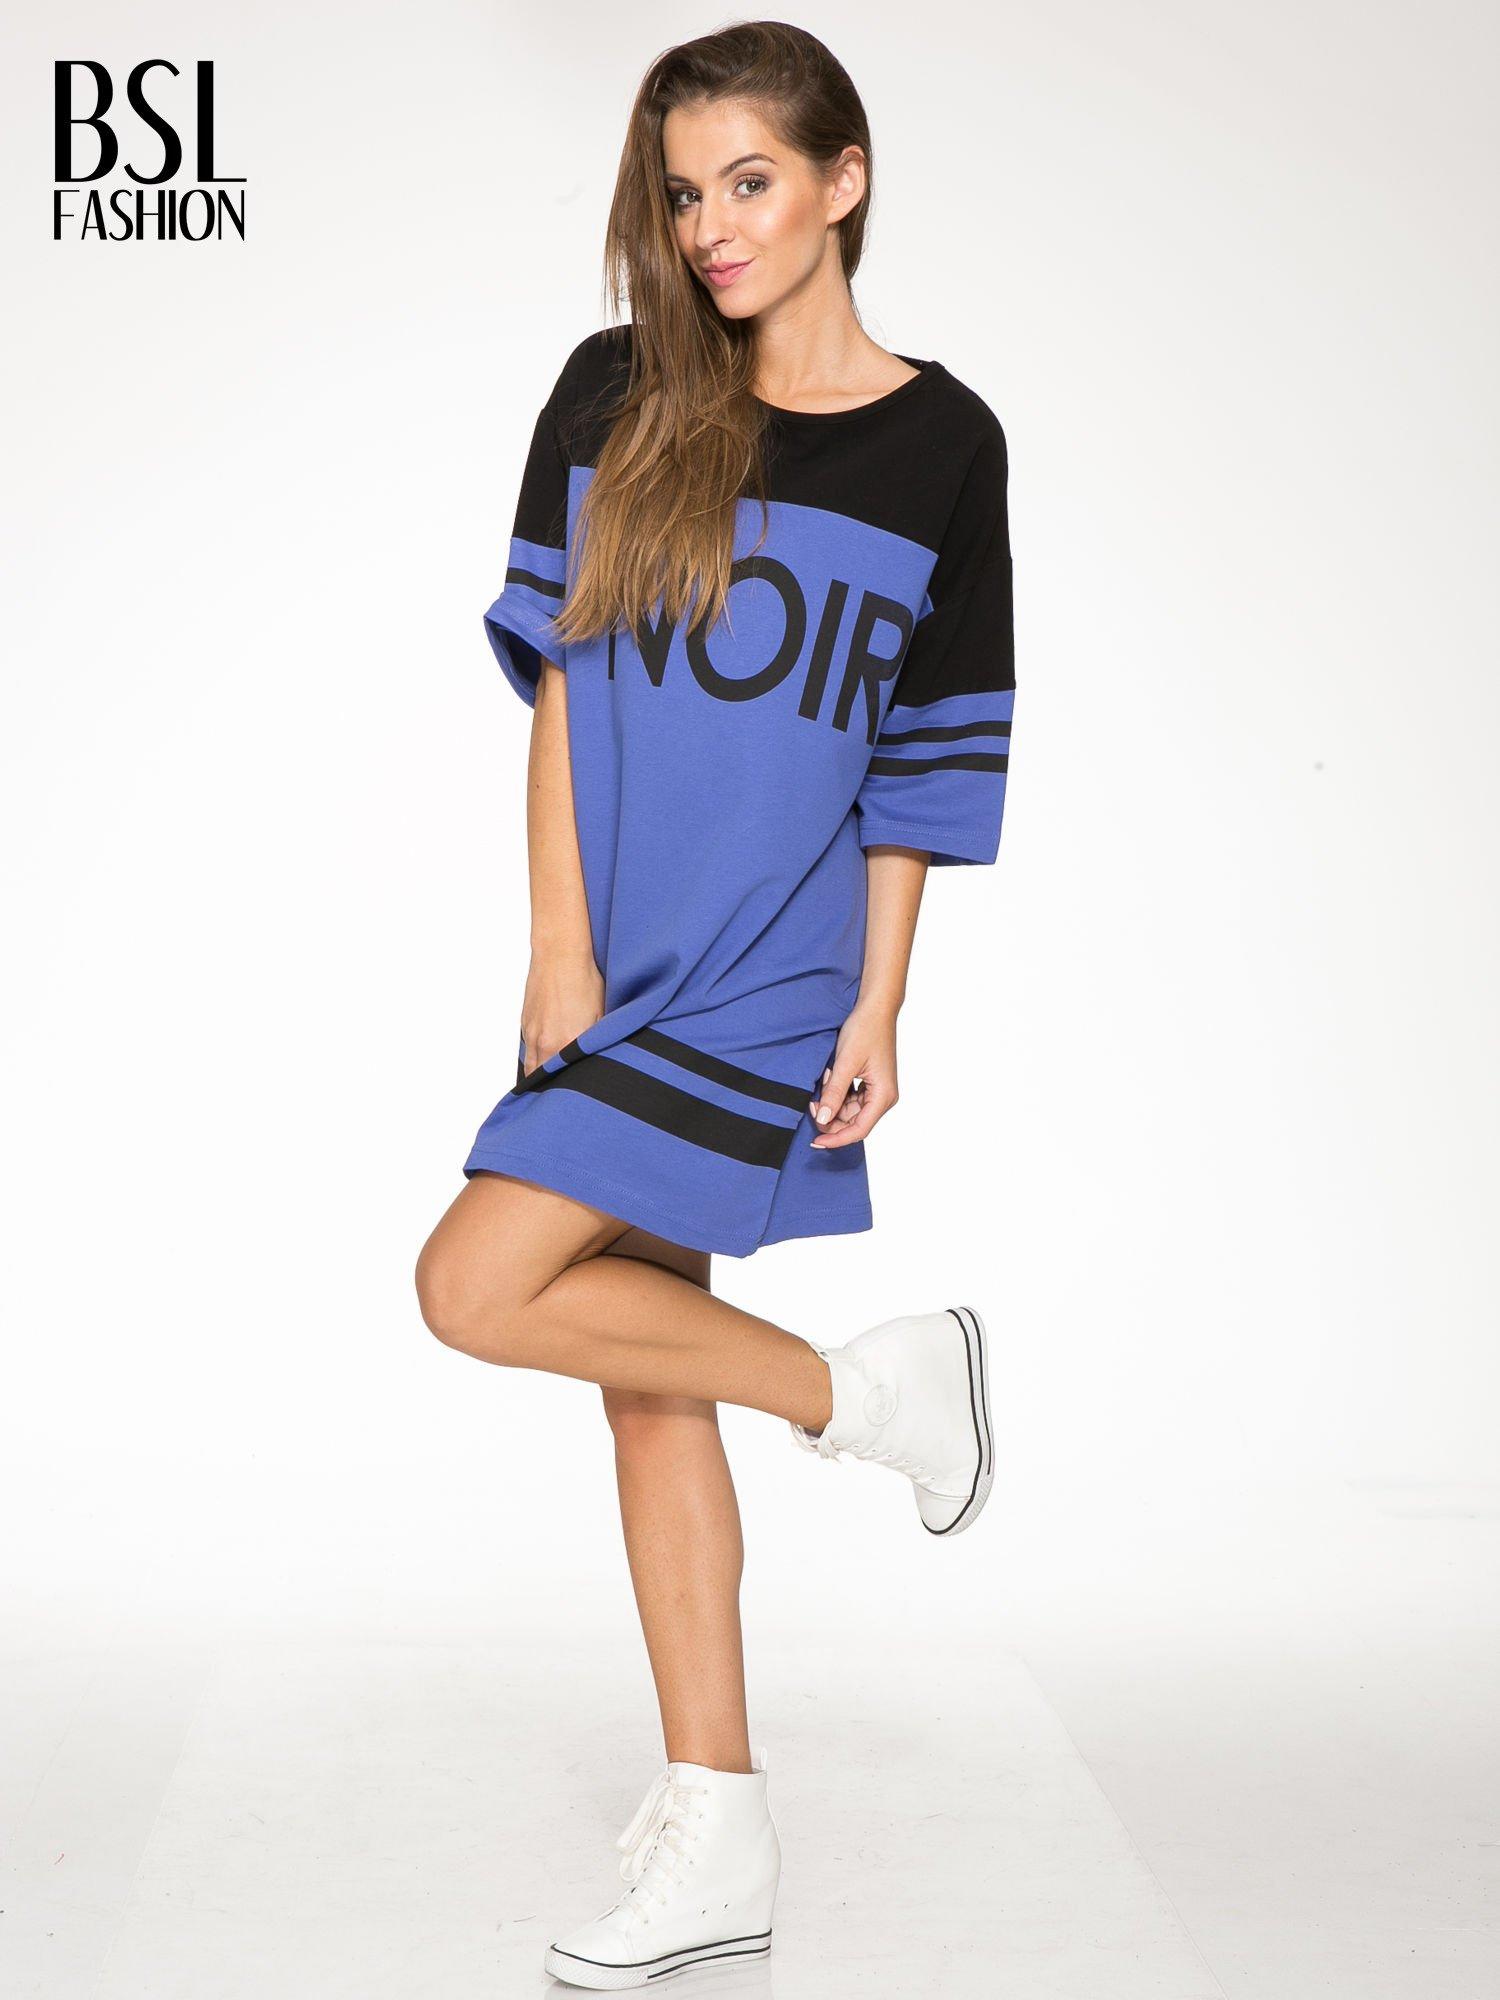 Fioletowa sukienka z napisem NOIR w stylu sportowym                                  zdj.                                  2